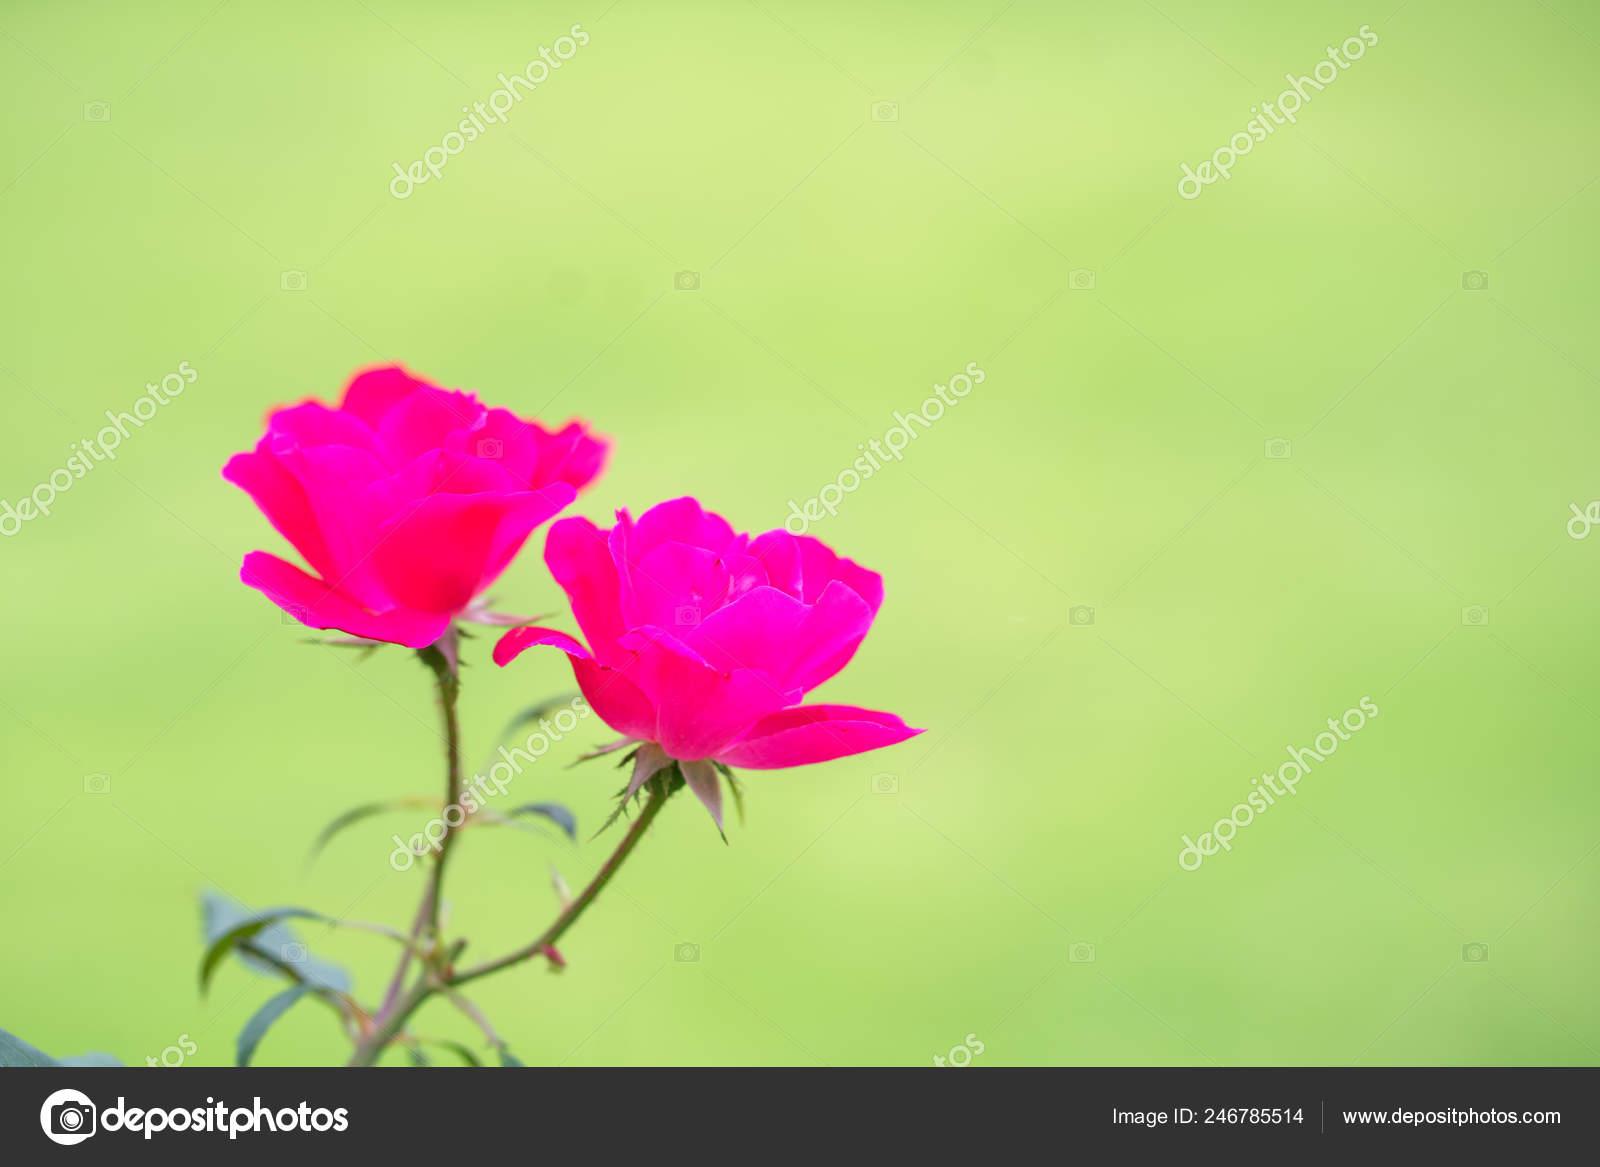 Closeup Natural View Pink Flower Summer Sunlight Garden Natural Seasonal Stock Photo C Paulfourk Gmail Com 246785514